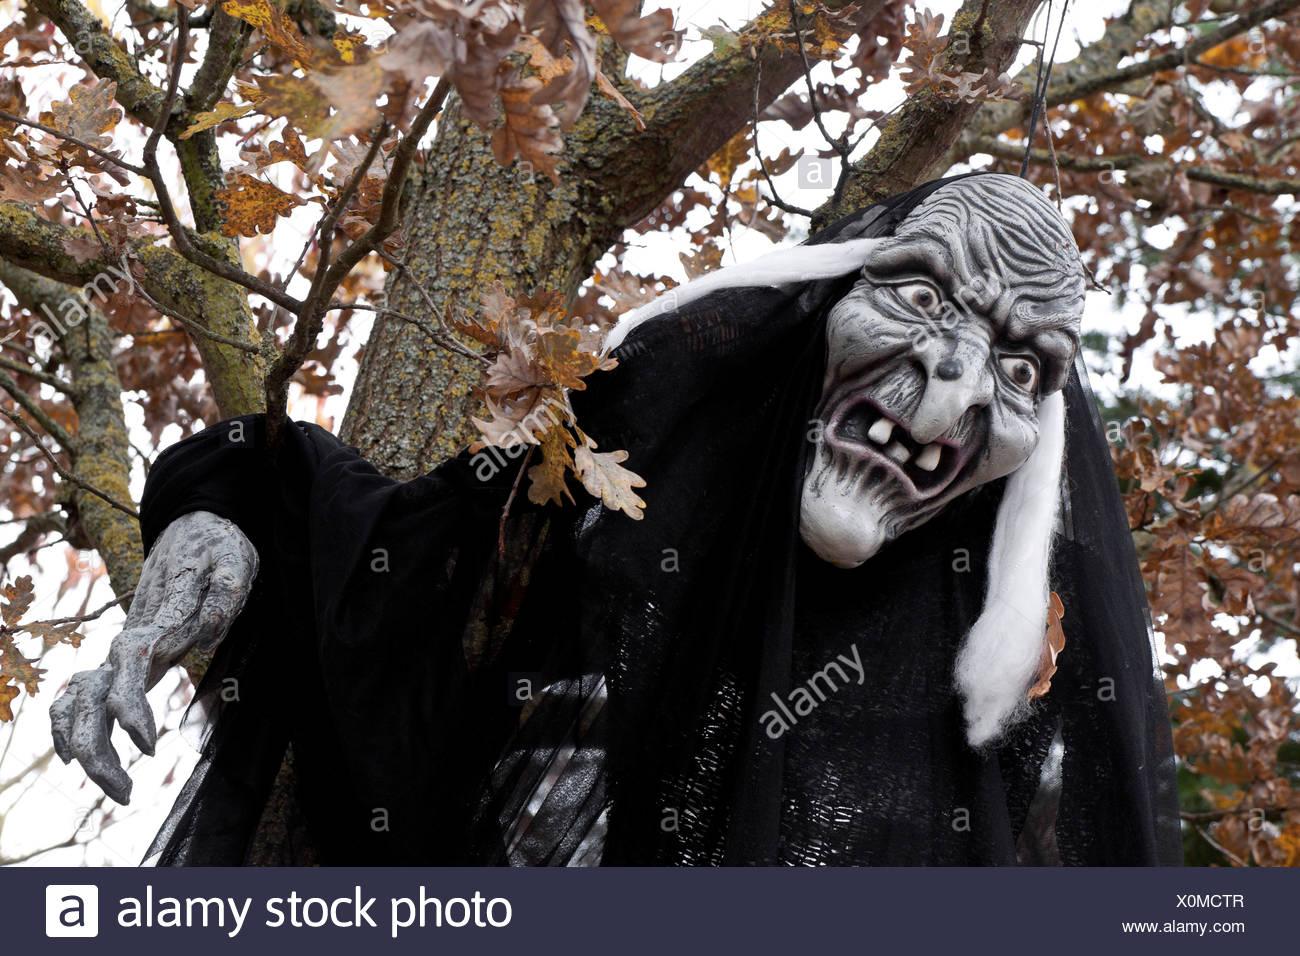 Hexe Figur, hängen von einem Baum, gruselig, Walpurgisnacht Stockbild